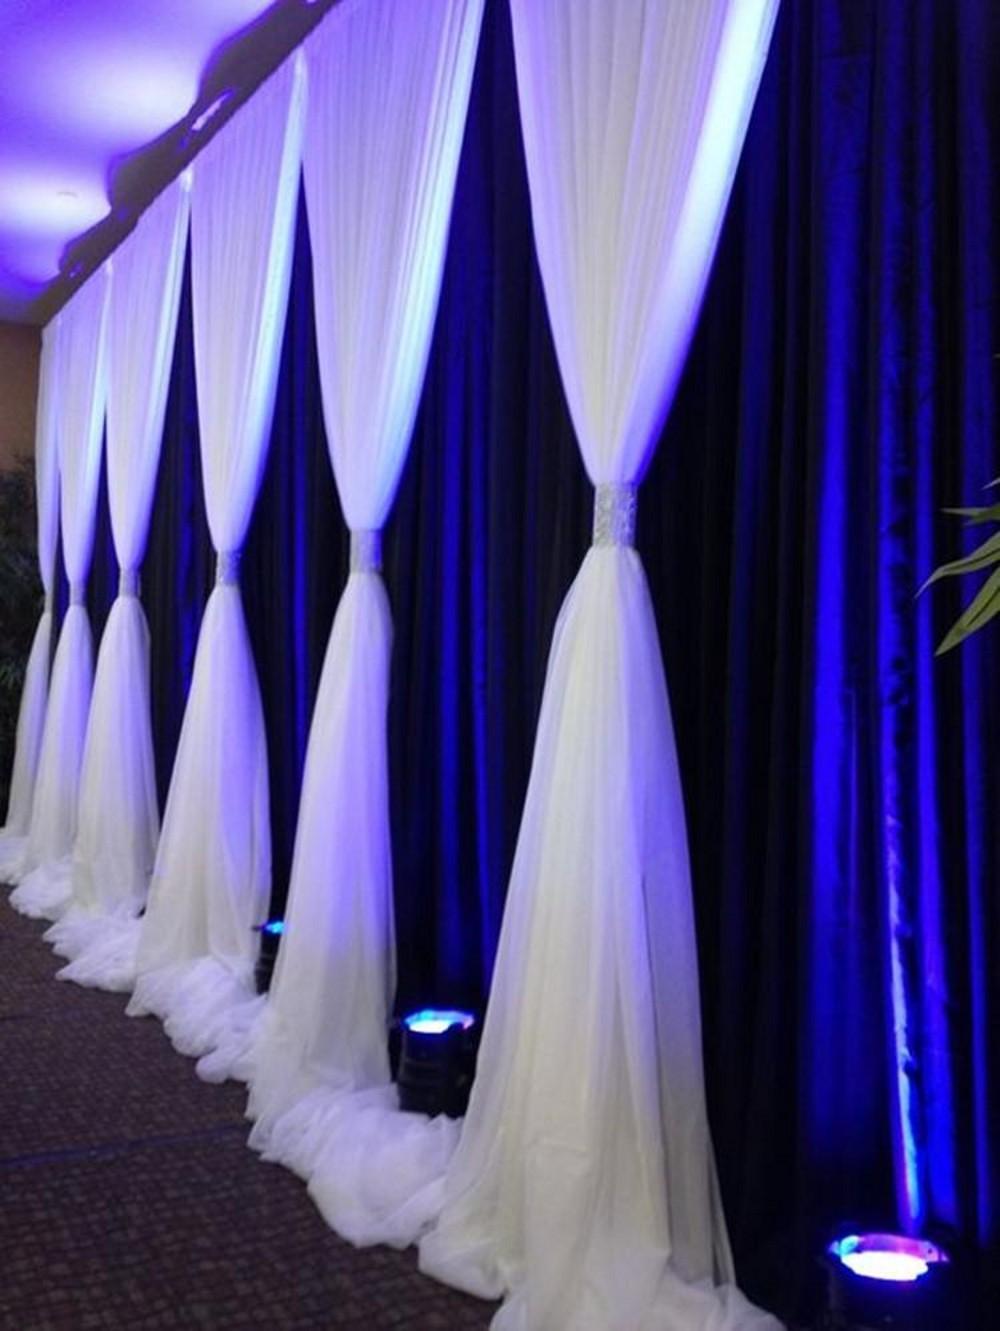 3м * 6м королевский синий Свадьба Фон с белыми Volie Valance Свадьба заднике сцены Фотография фона драпировки Swags Шторы